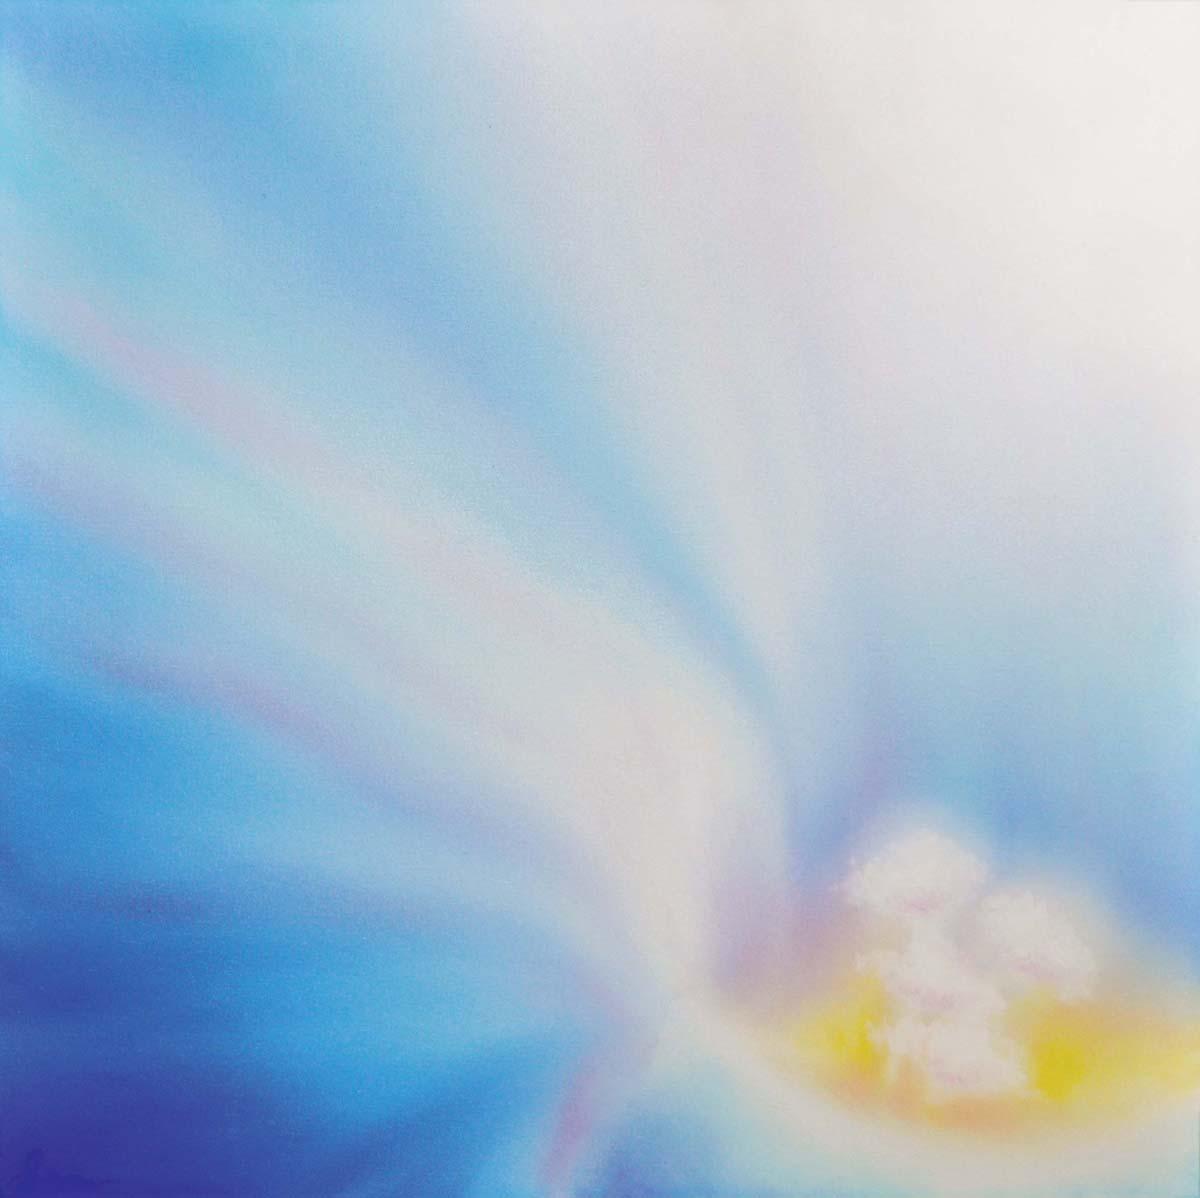 Il sogno di Ipomea-50x50 okX